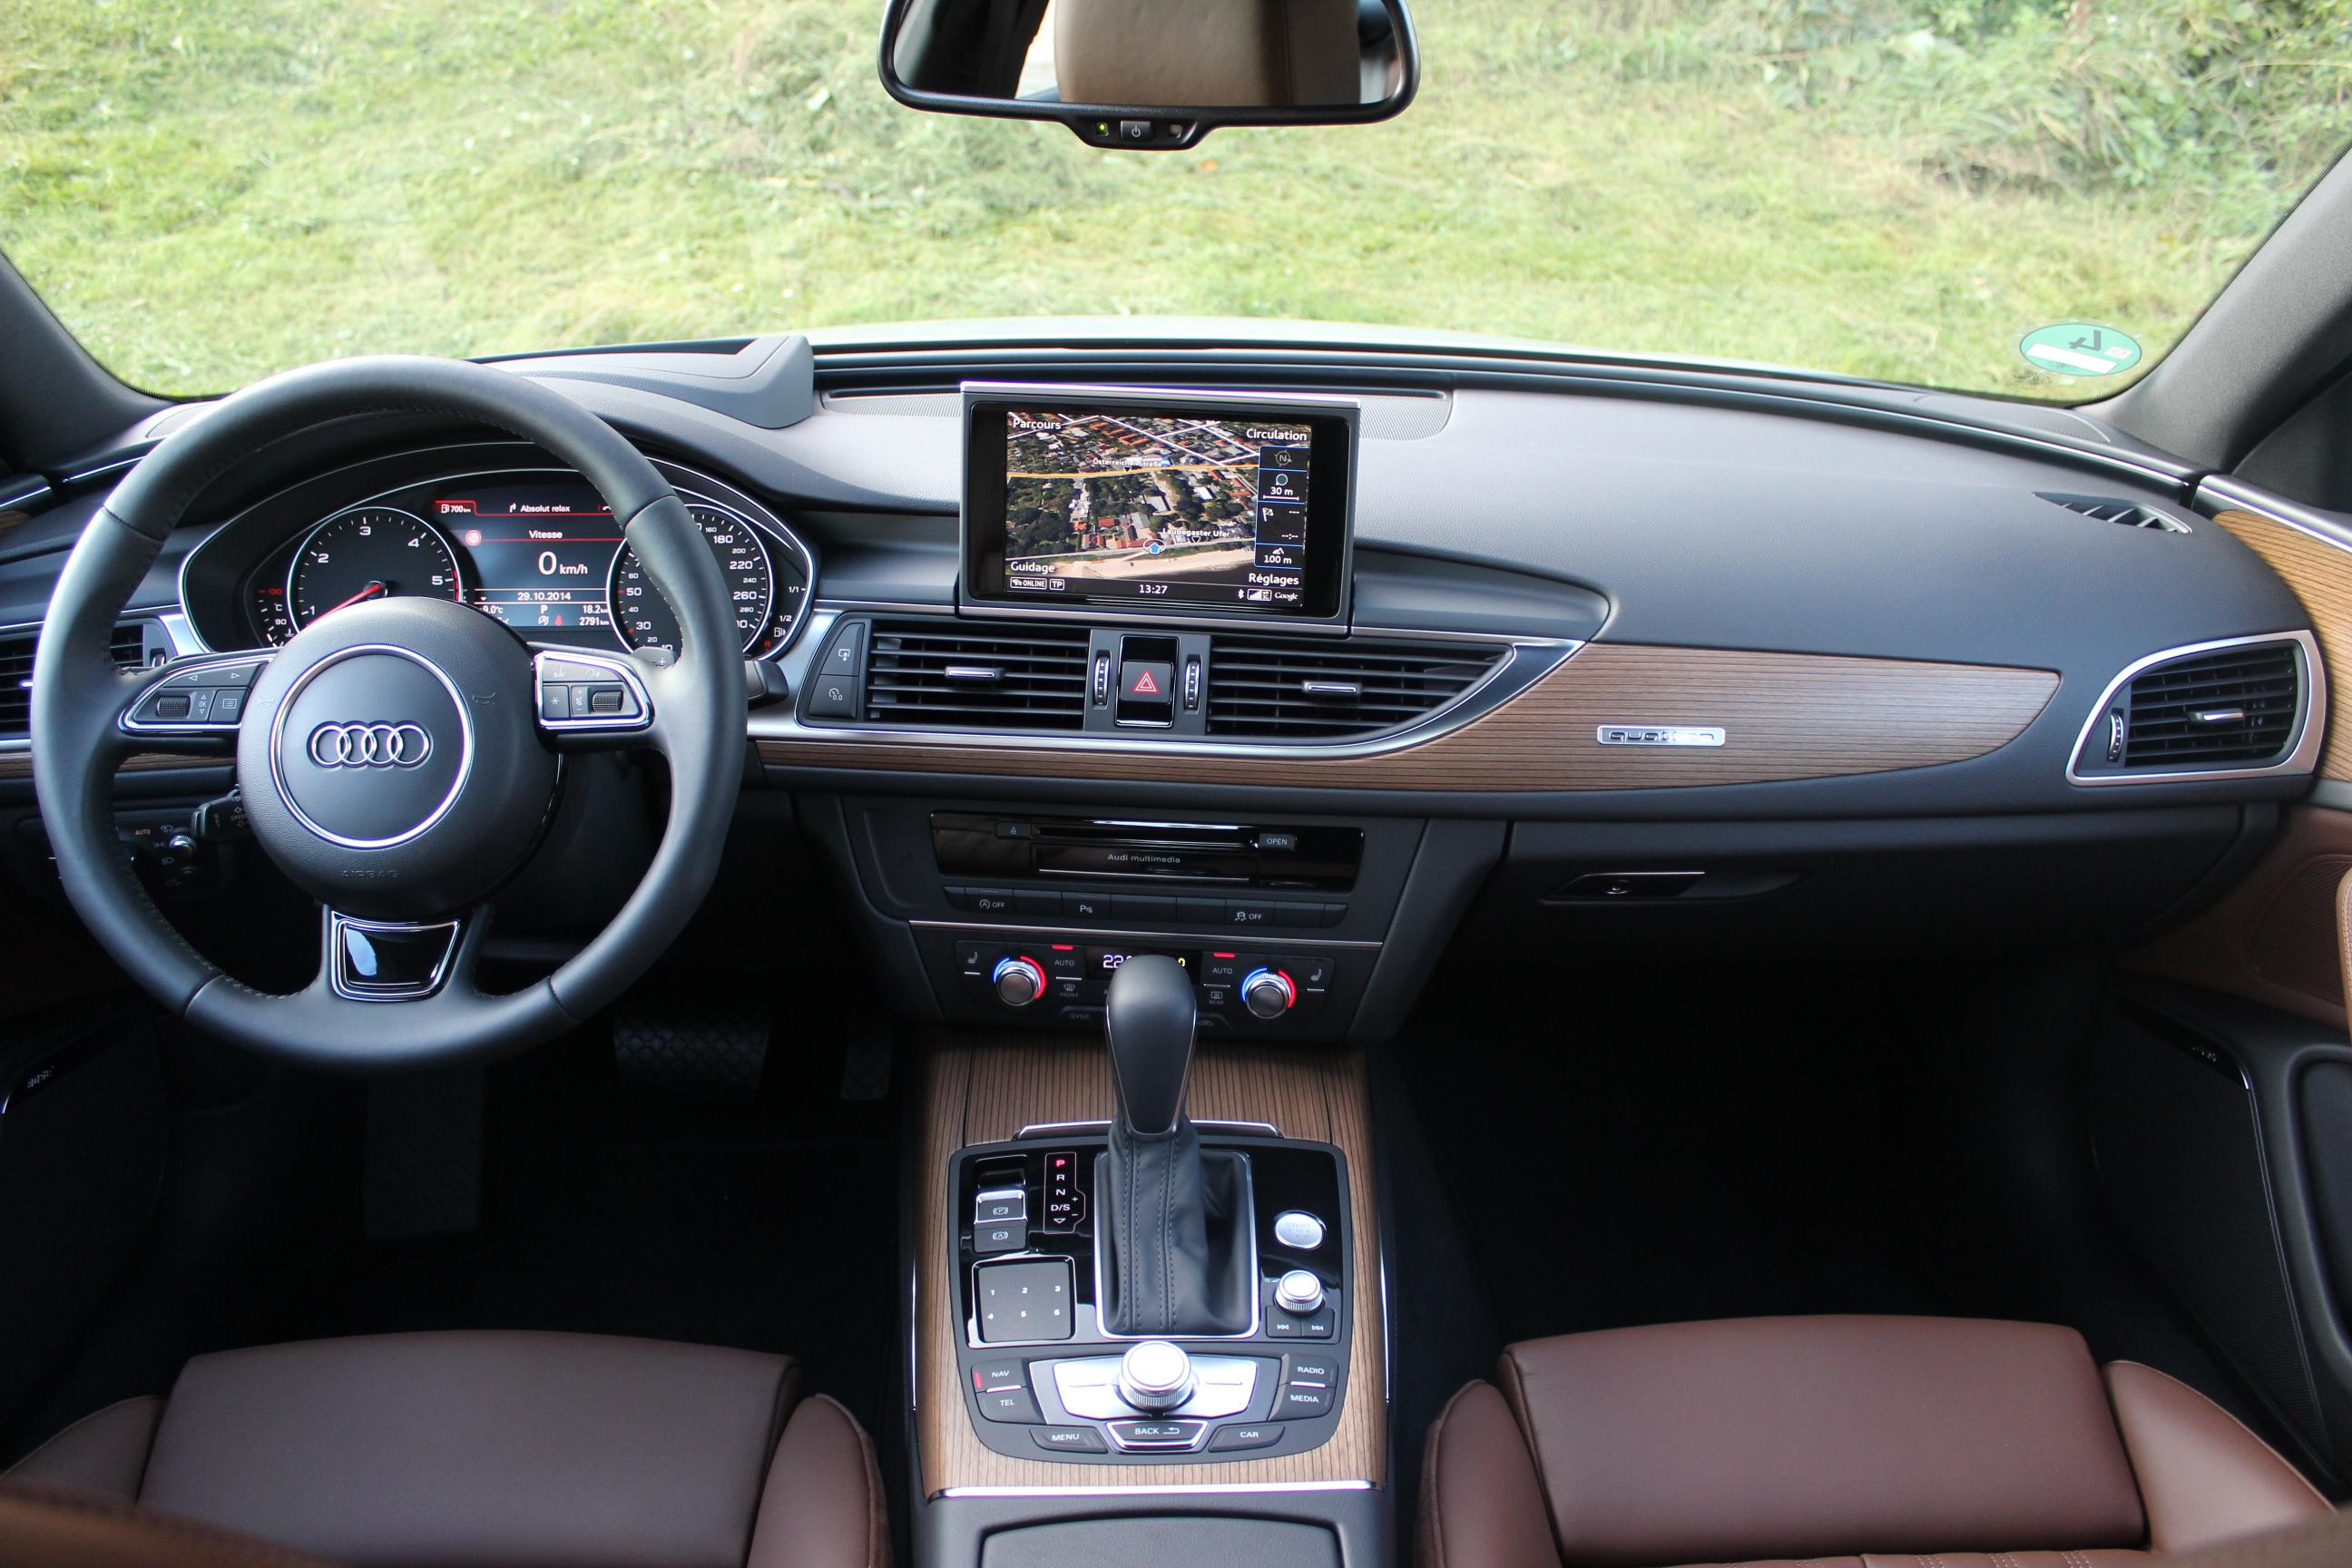 Essai vid o audi a6 restyl e la m me avec de nouveaux for Audi a6 avant interieur